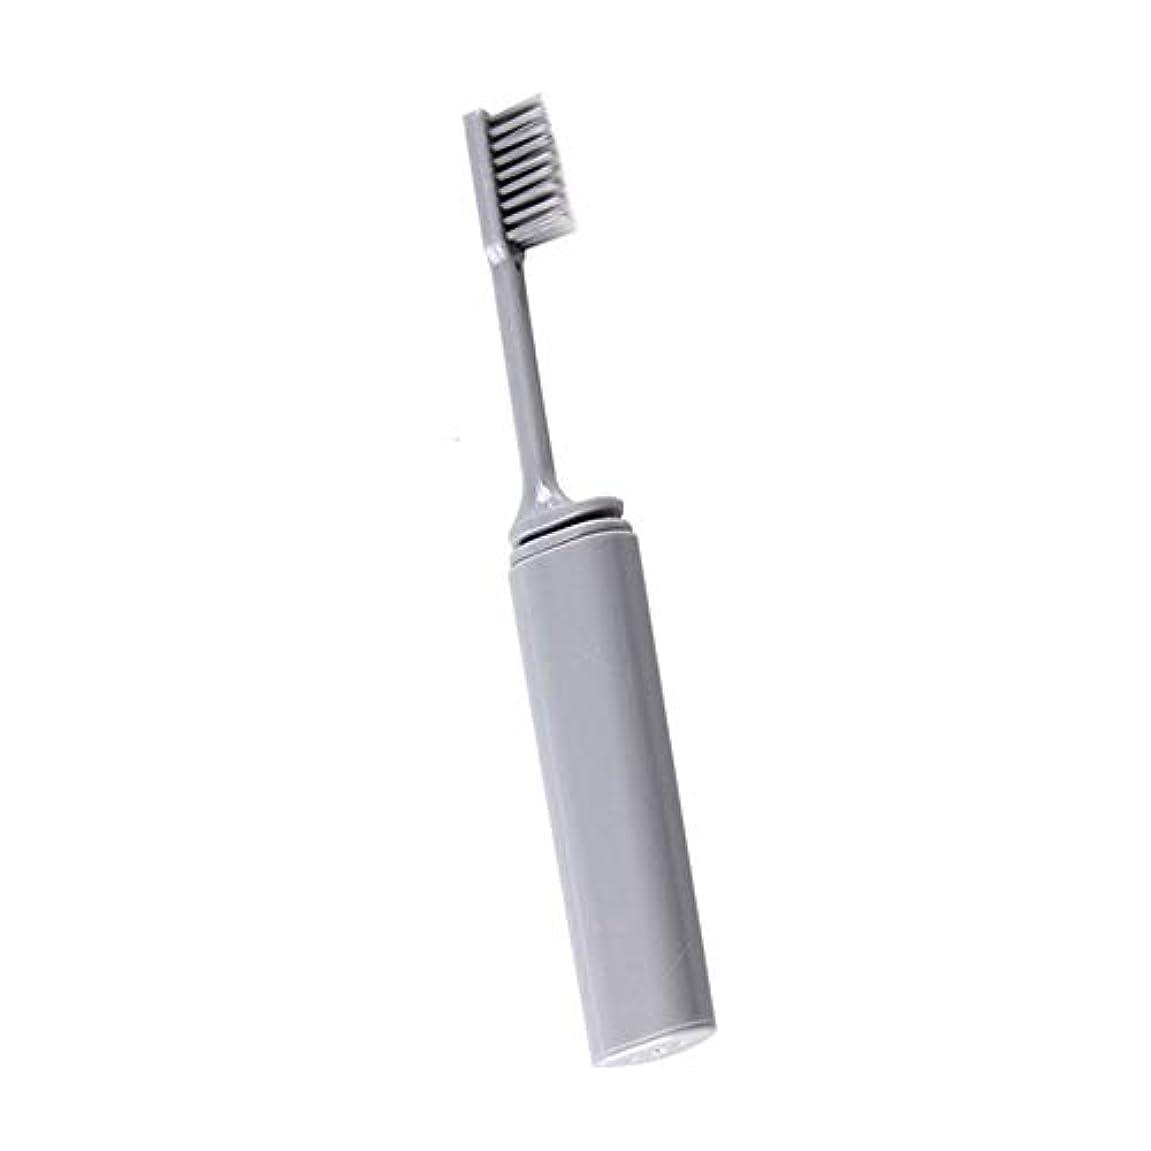 新年ペフ干渉するOnior 旅行歯ブラシ 折りたたみ歯ブラシ 携帯歯ブラシ 外出 旅行用品, ソフト コンパクト歯ブラシ 便利 折りたたみ 耐久性 携帯用 灰色